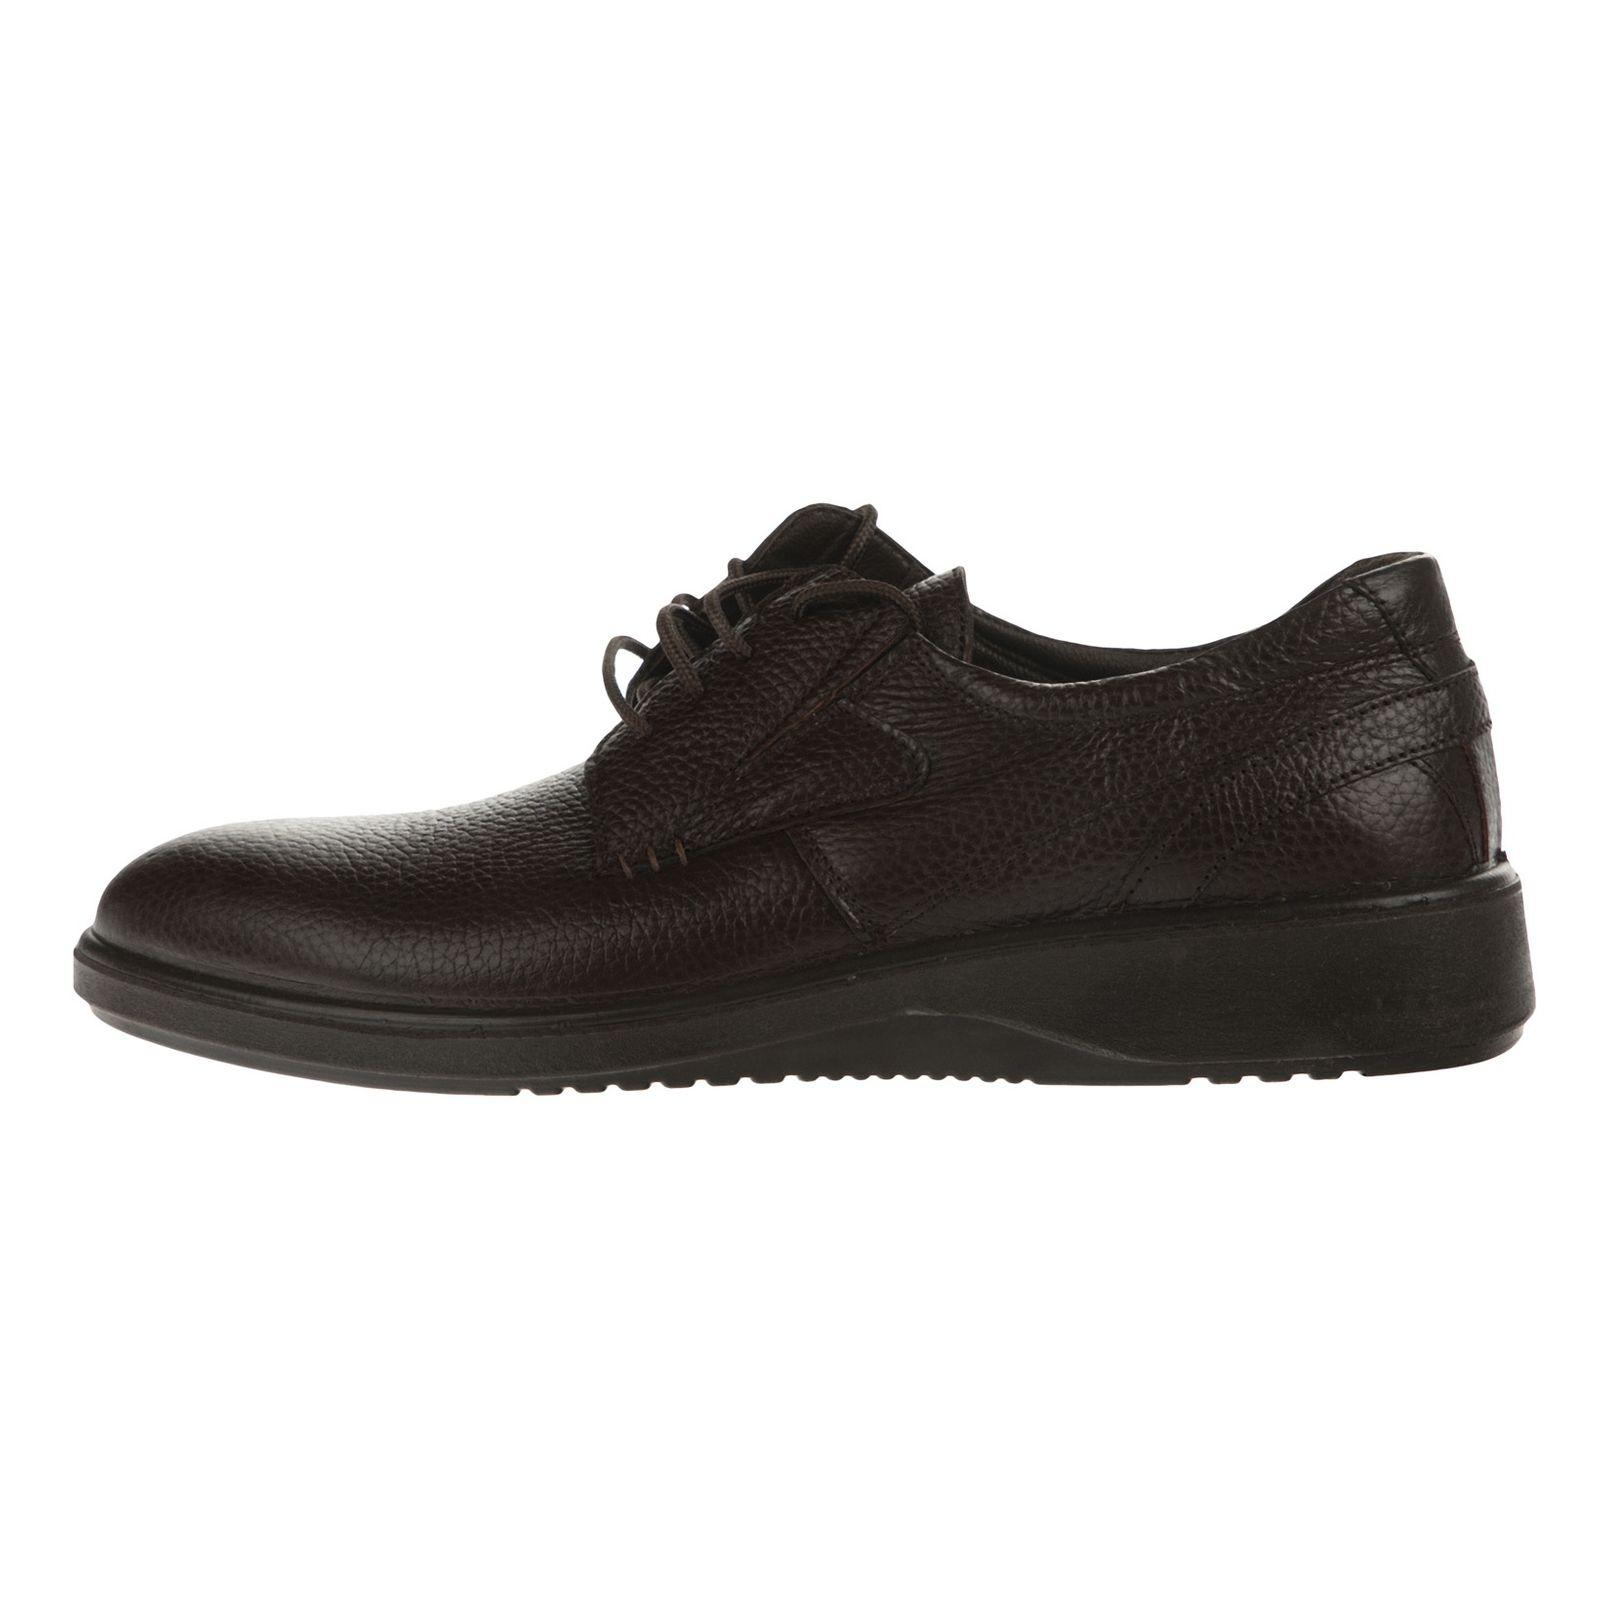 کفش روزمره مردانه شیفر مدل 7216B-104 -  - 3